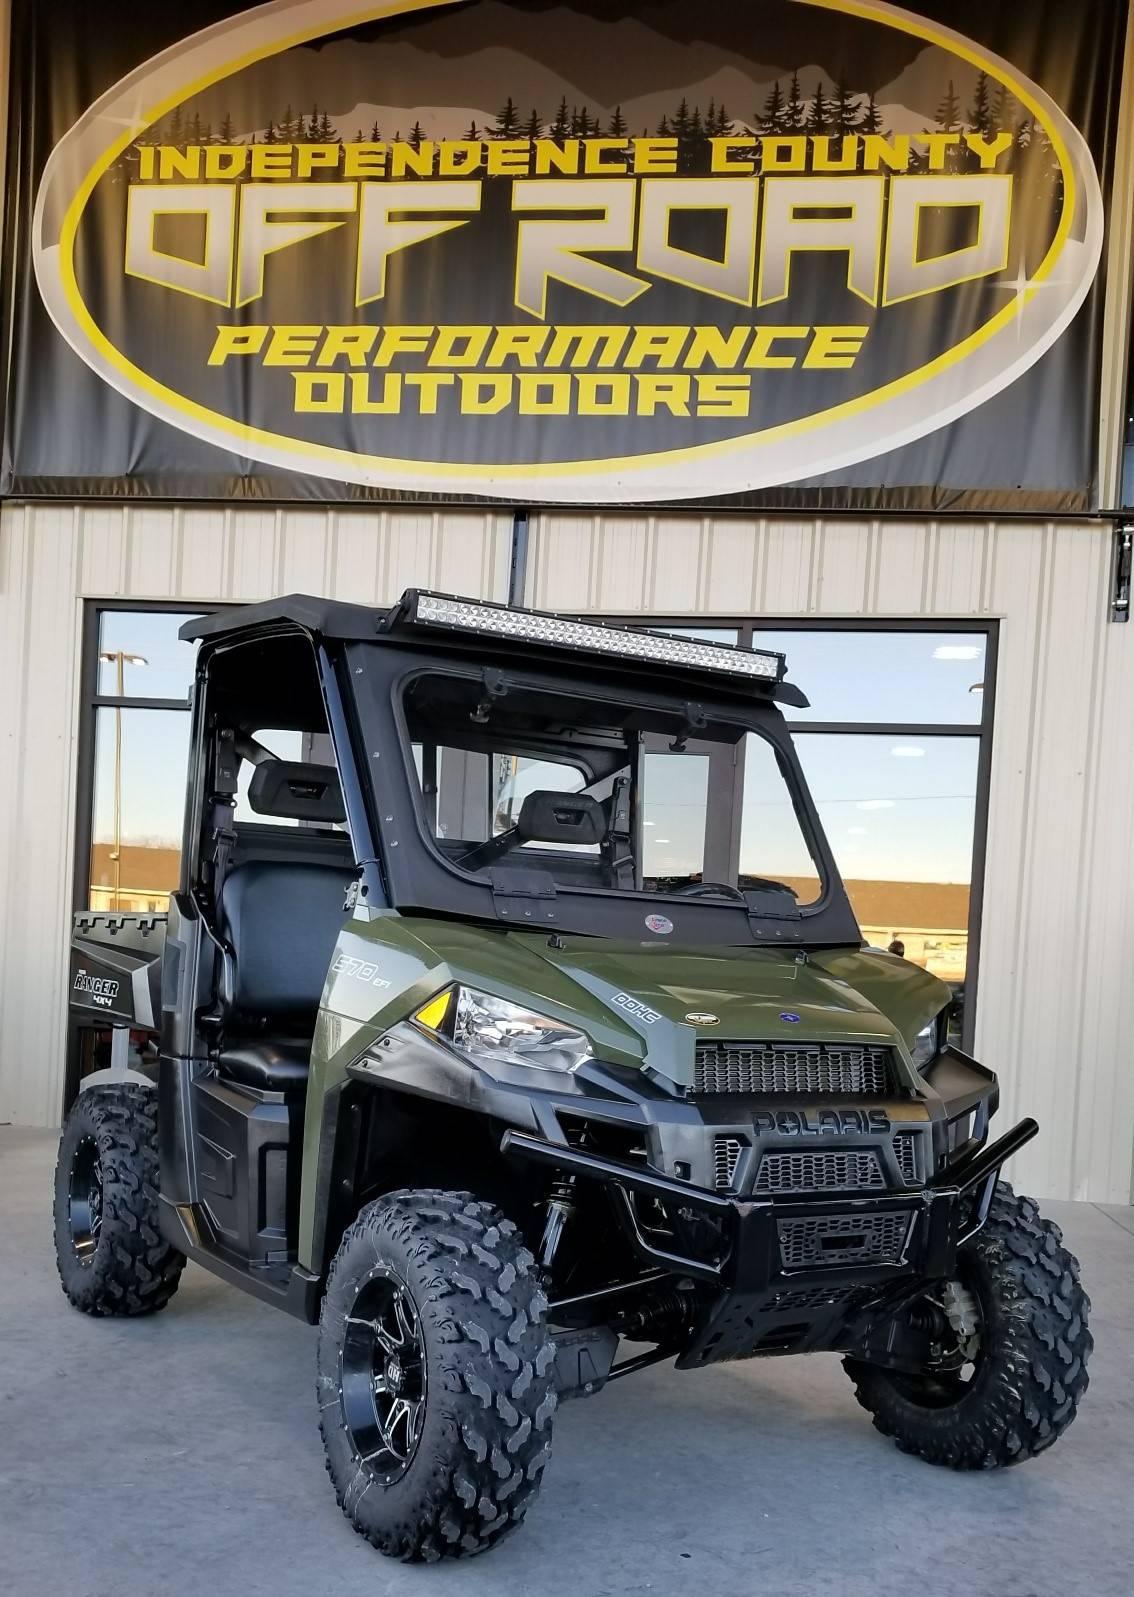 2015 Polaris Ranger570 Full Size for sale 100805